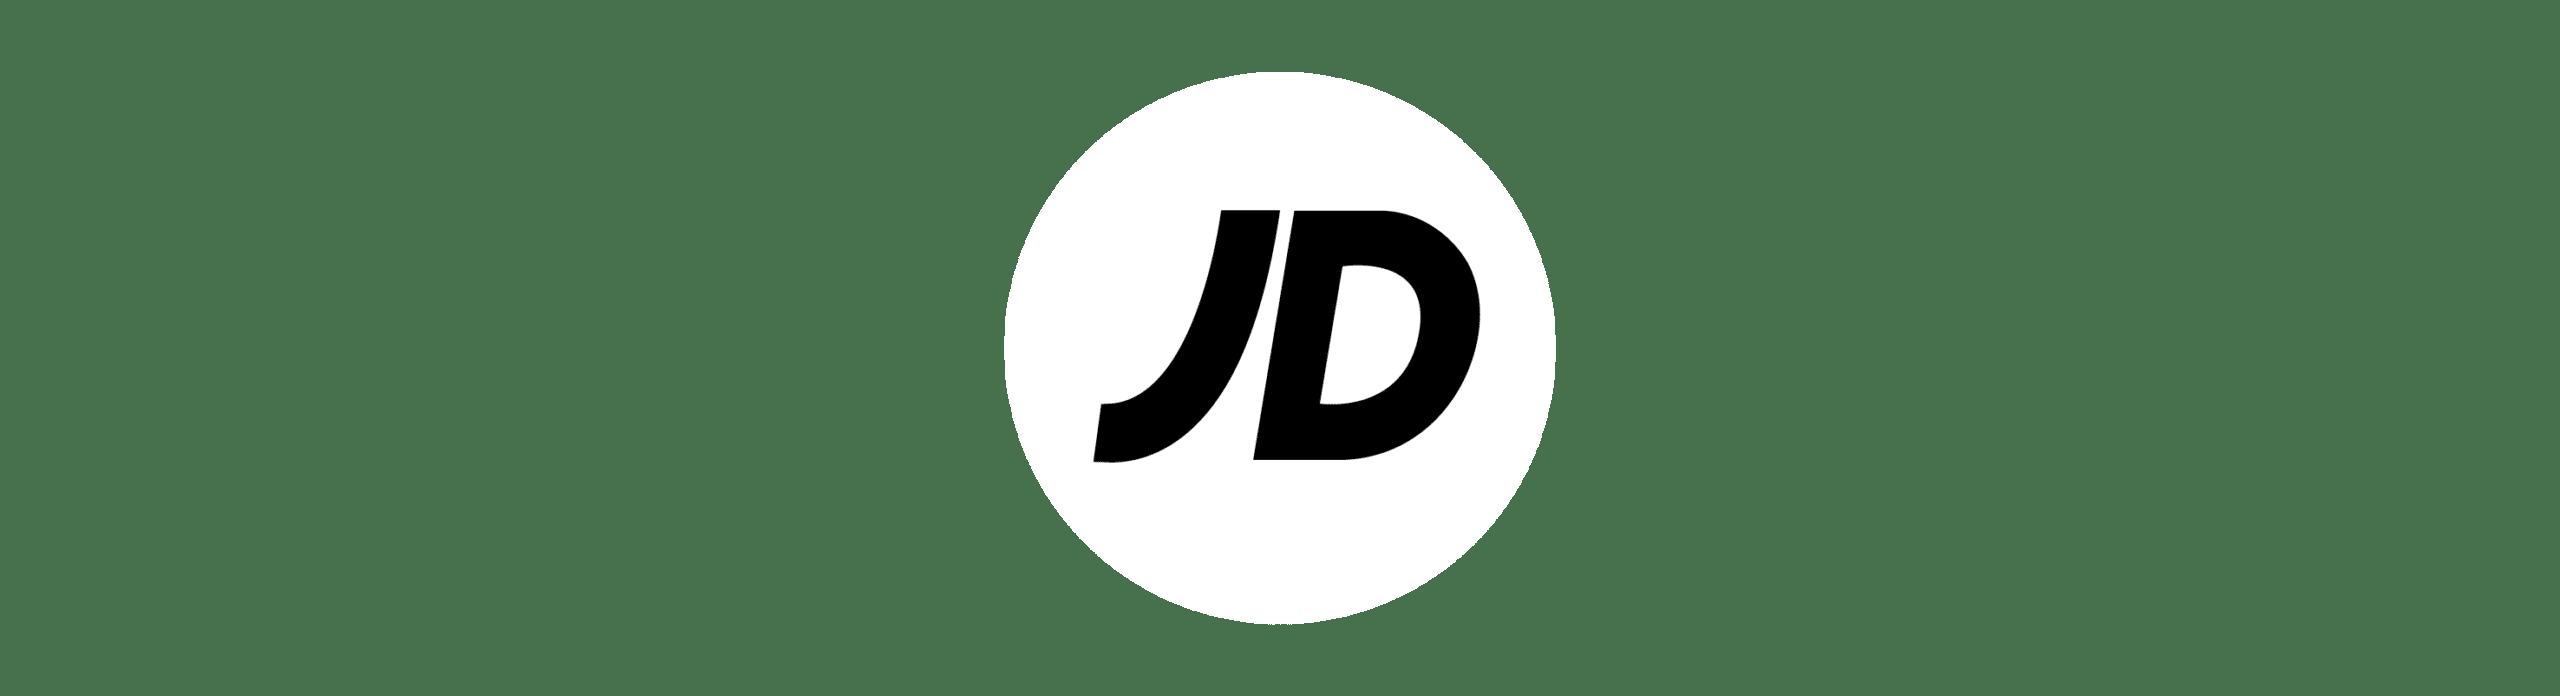 27+ Transparent Jd Logo Png